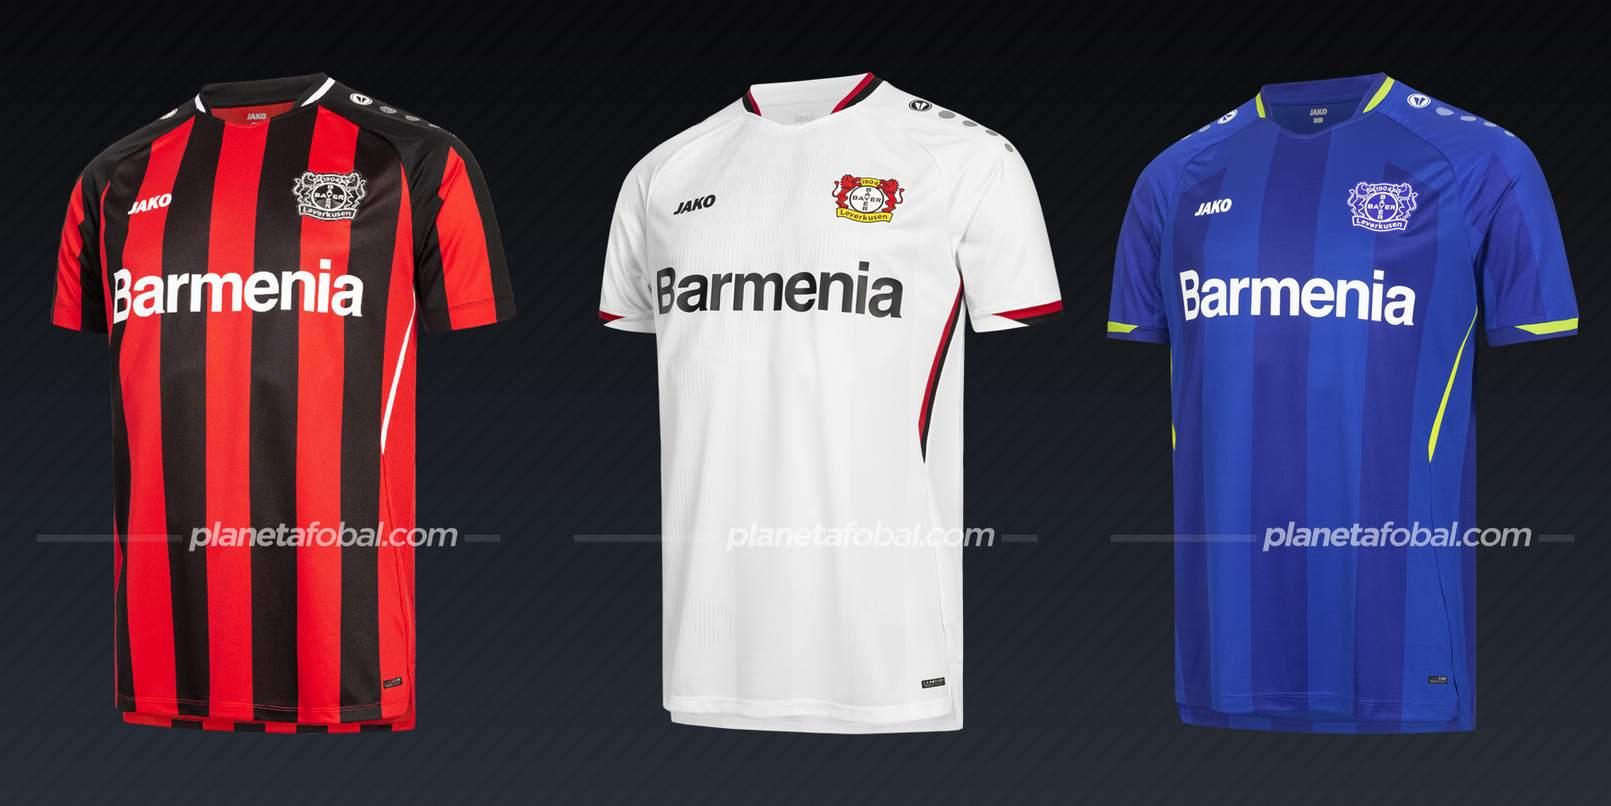 Bayer 04 Leverkusen (Jako)   Camisetas Bundesliga 2021-22